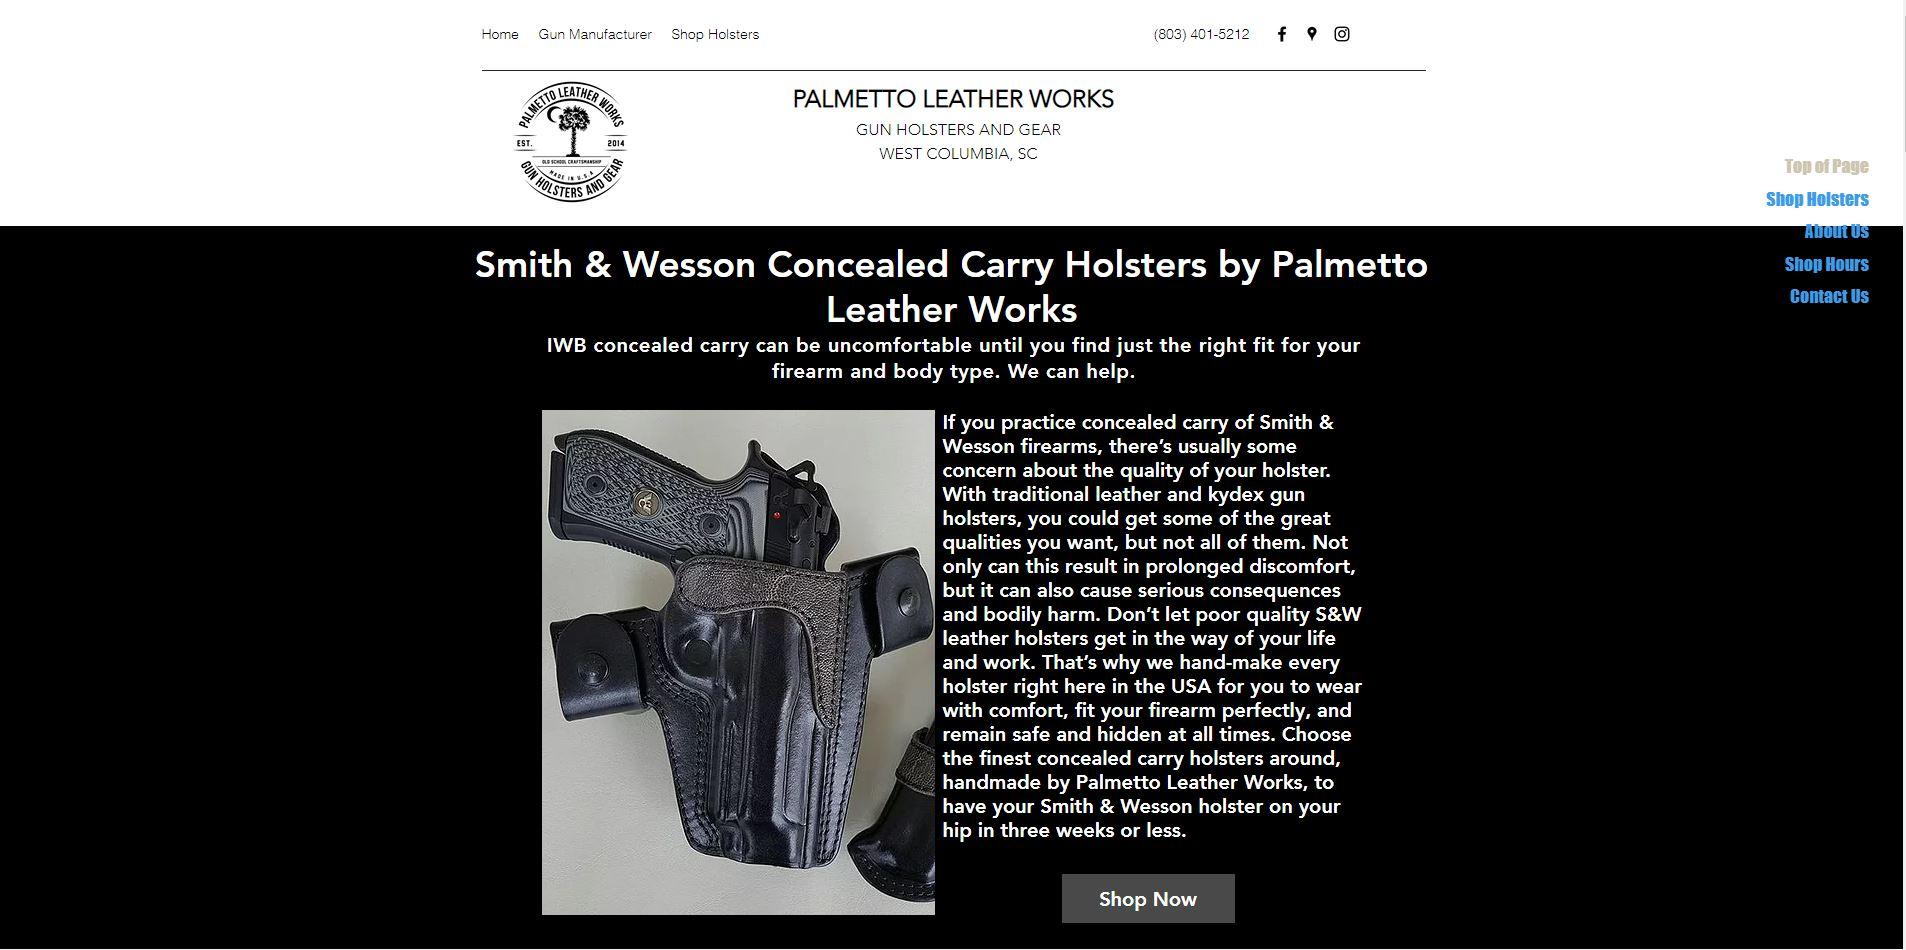 Palmetto Leather Works E-commerce Store